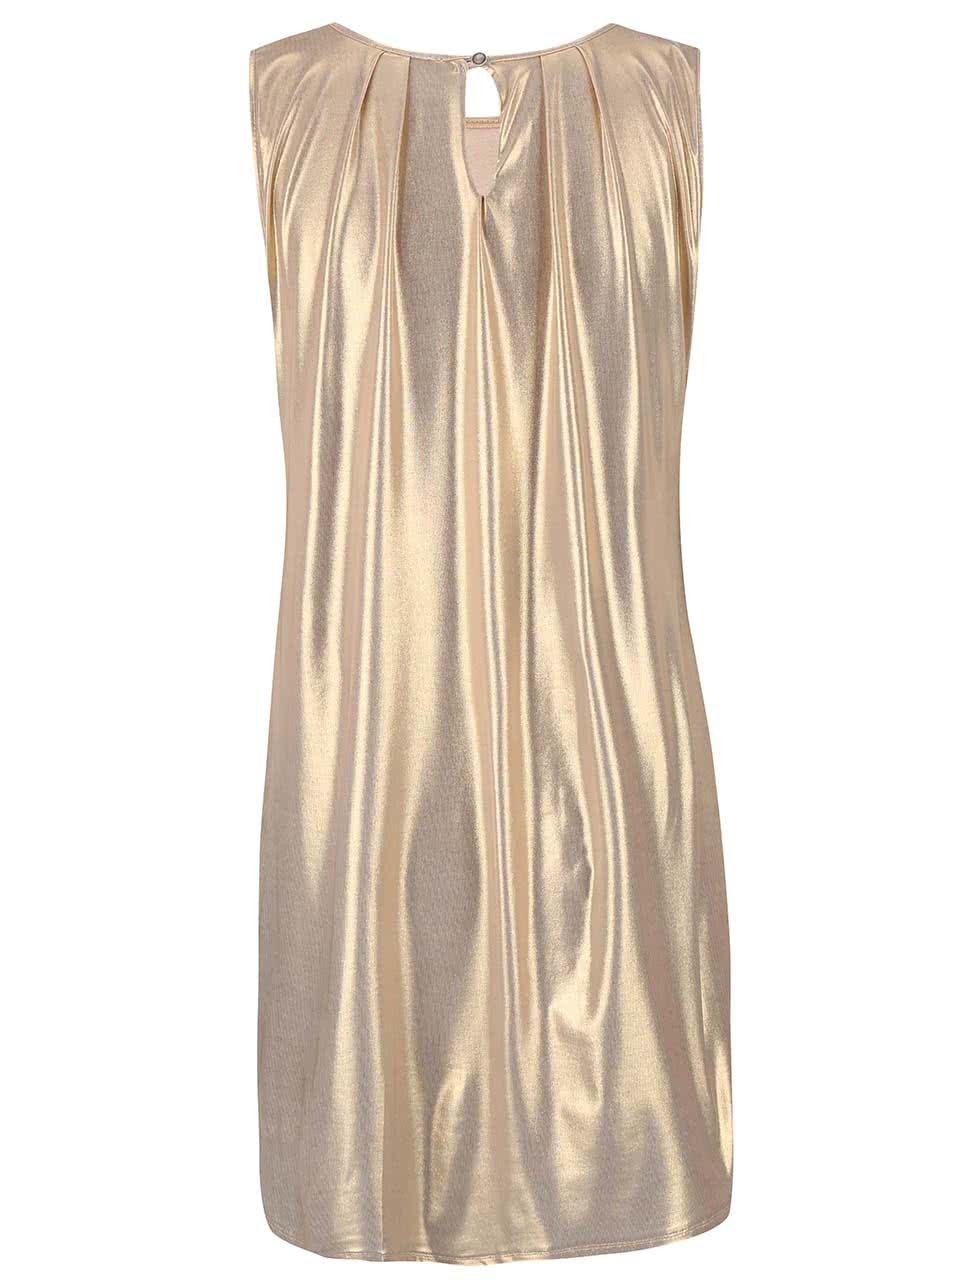 6101e76c6c5e Šaty ve zlaté barvě Alchymi Amber ...